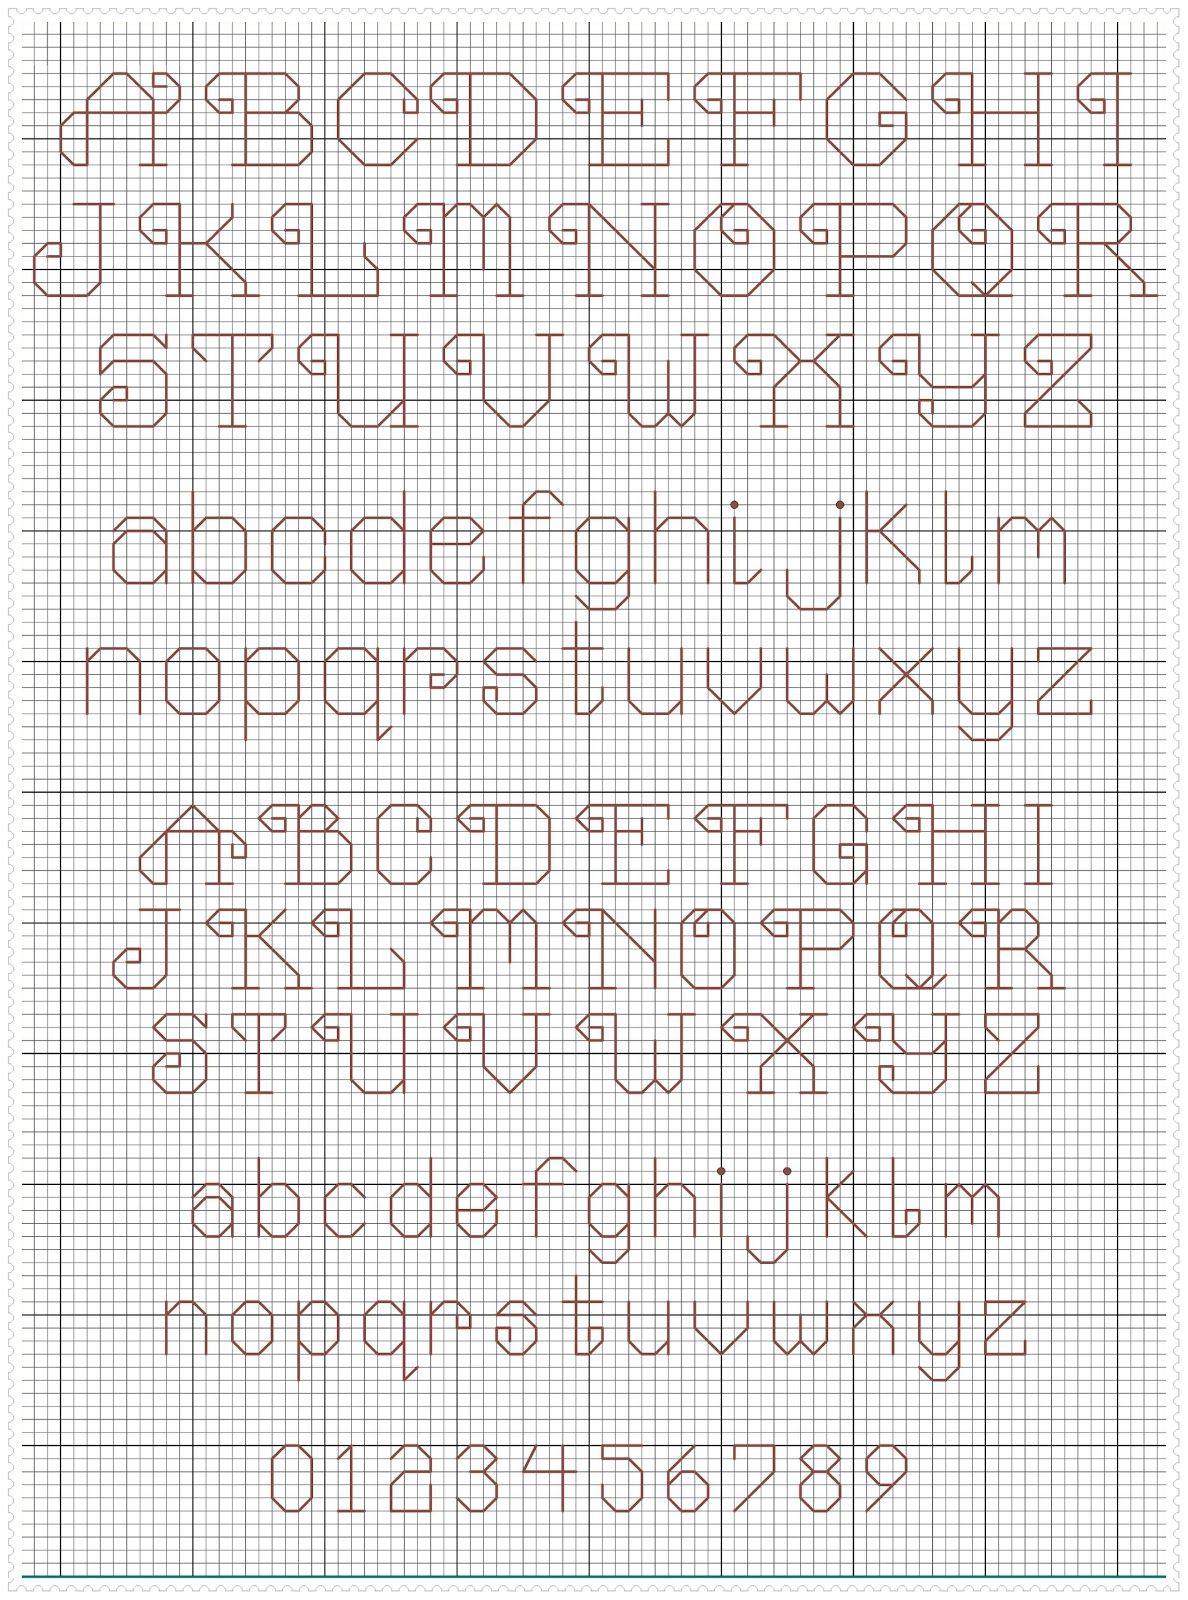 Pin von Juliana Rincon auf Needle and thread | Pinterest | Alphabet ...